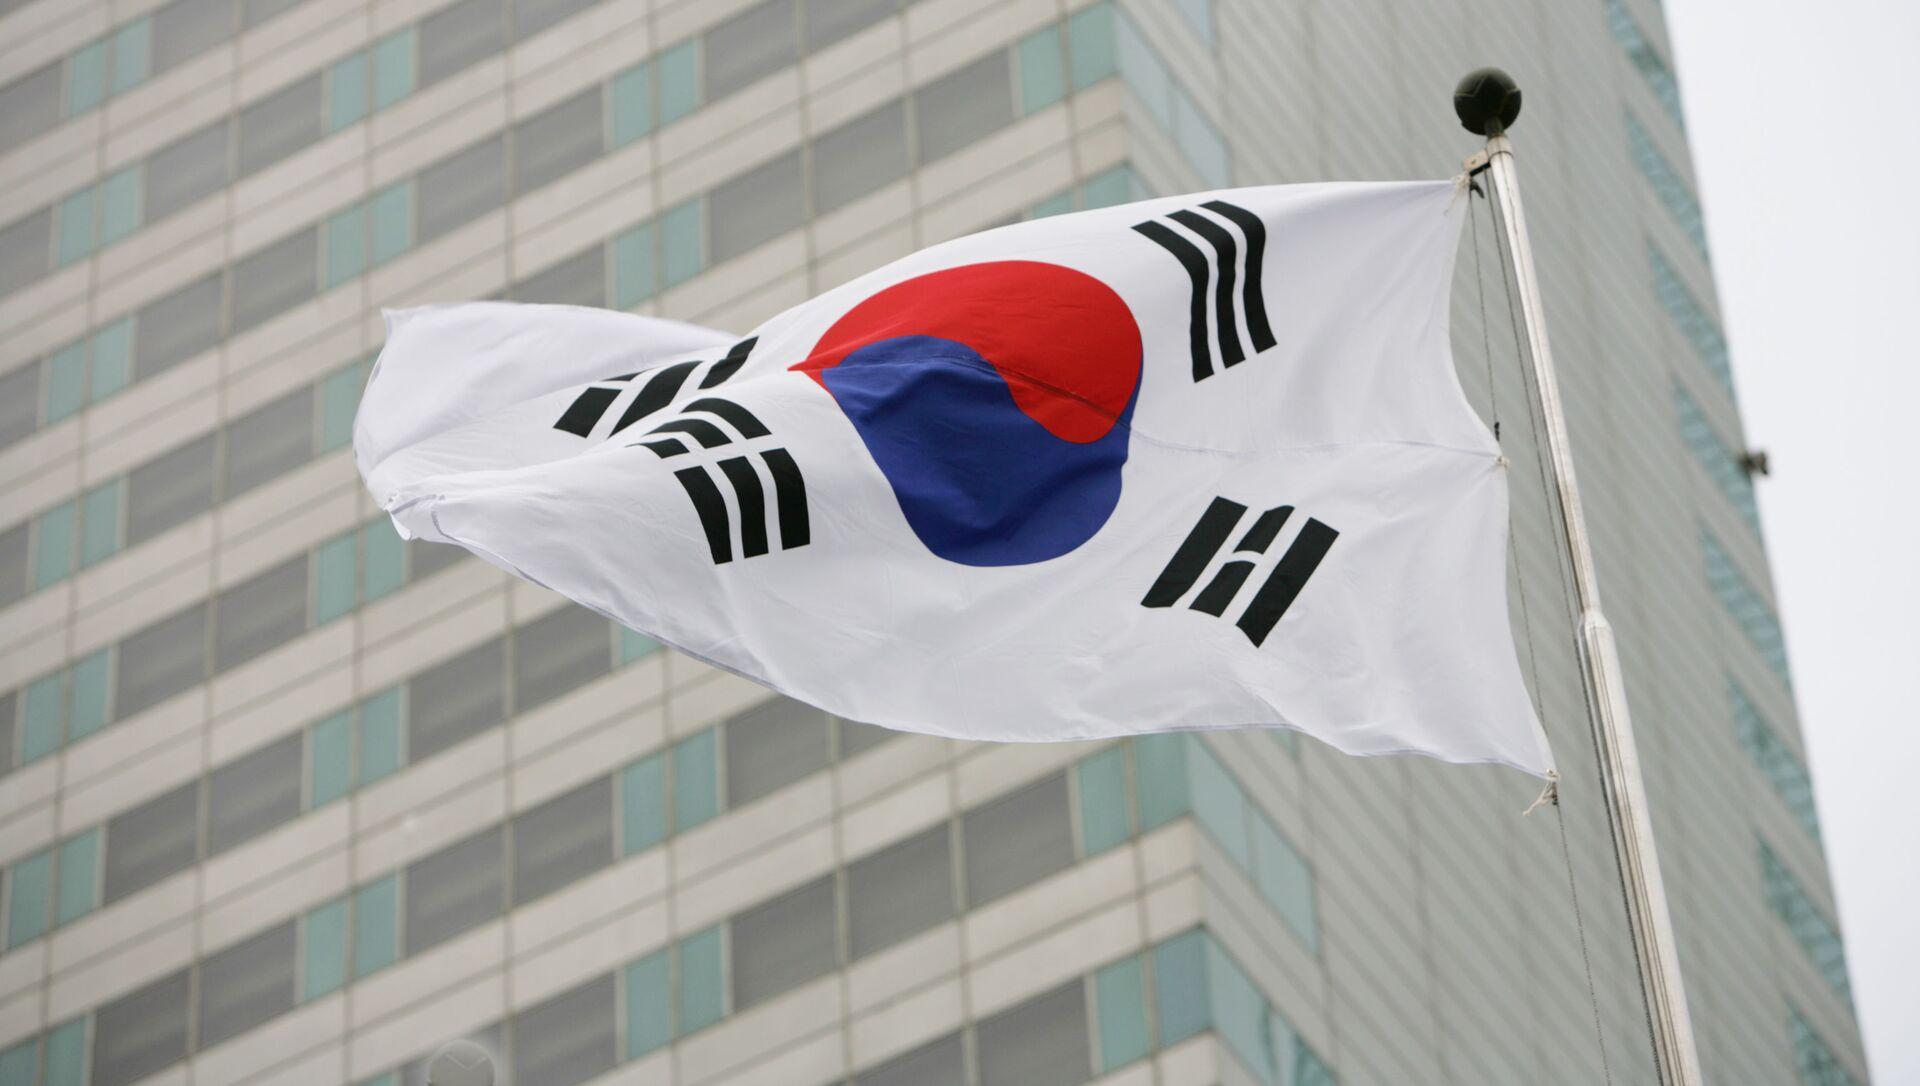 福島処理水の海洋放出 韓国外相「日本支持は米国だけ」 - Sputnik 日本, 1920, 20.04.2021